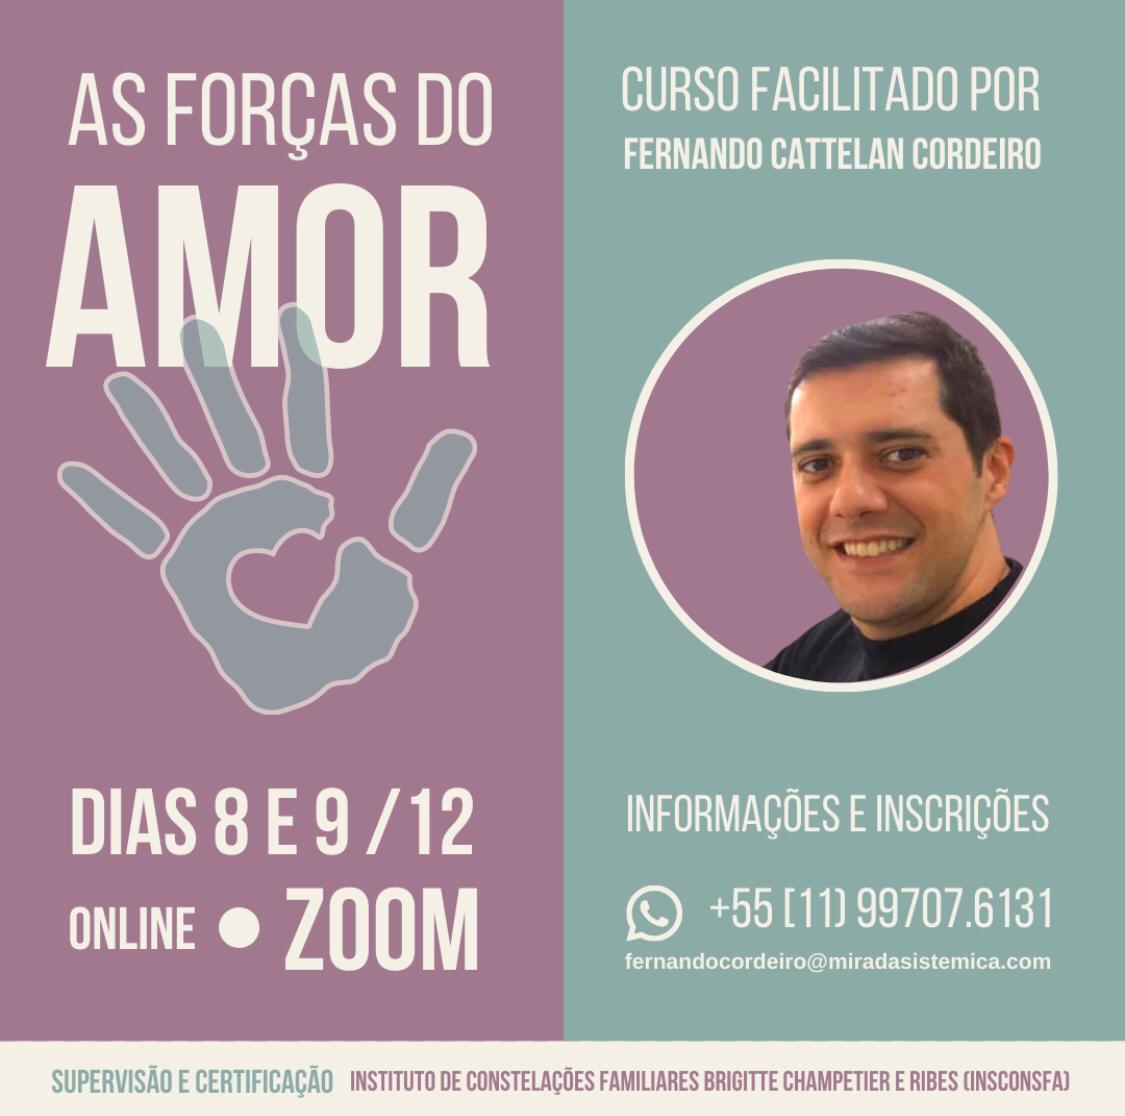 As forças do Amor_online_Fernando